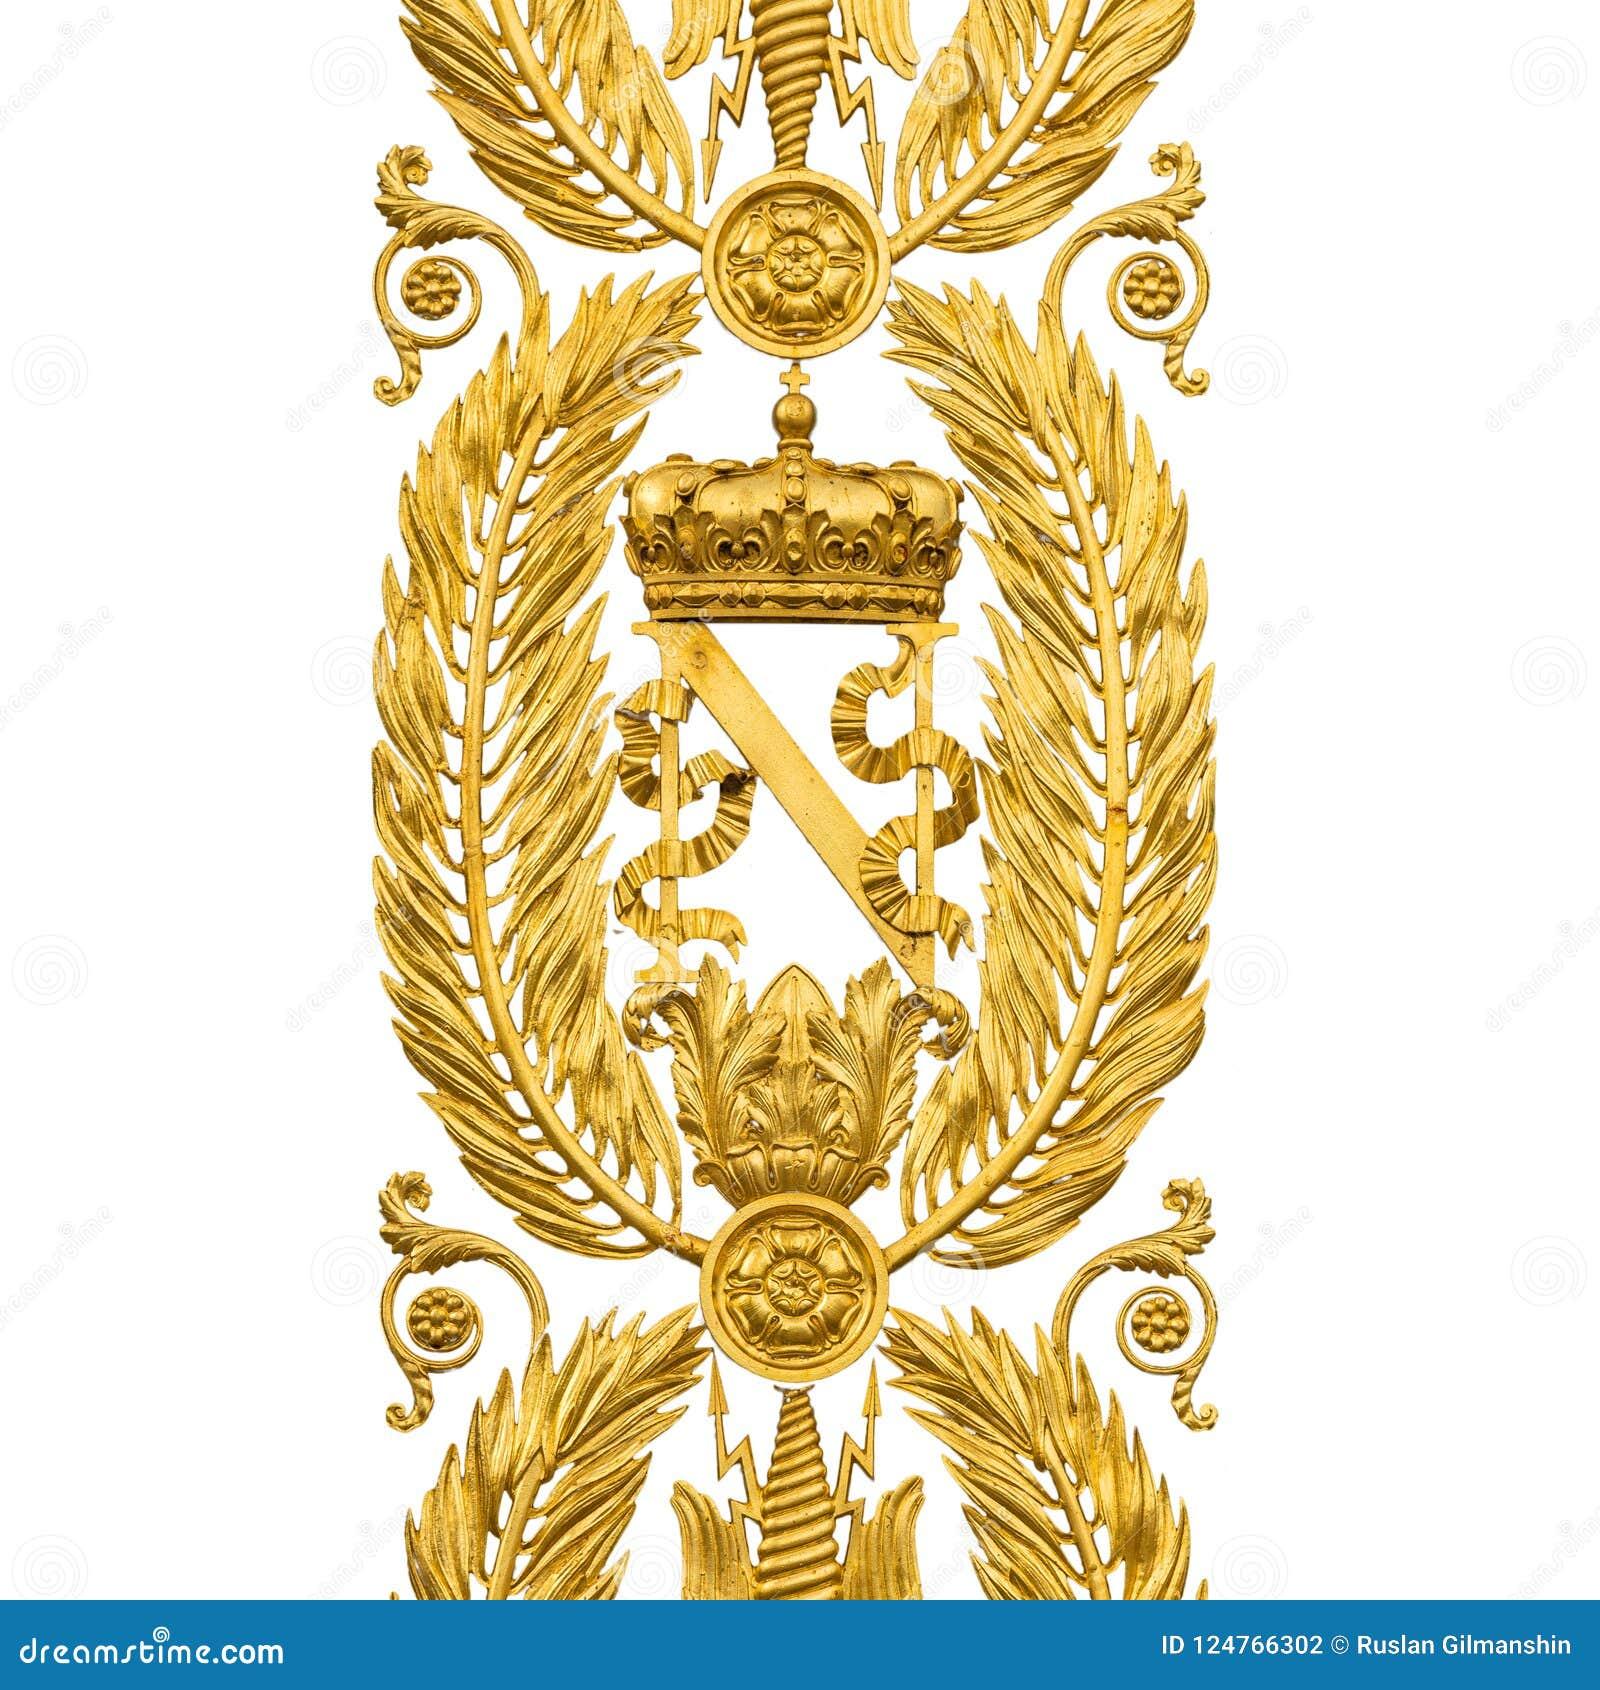 Golden Armorial bearings of Napoleon Bonaparte, gates on white